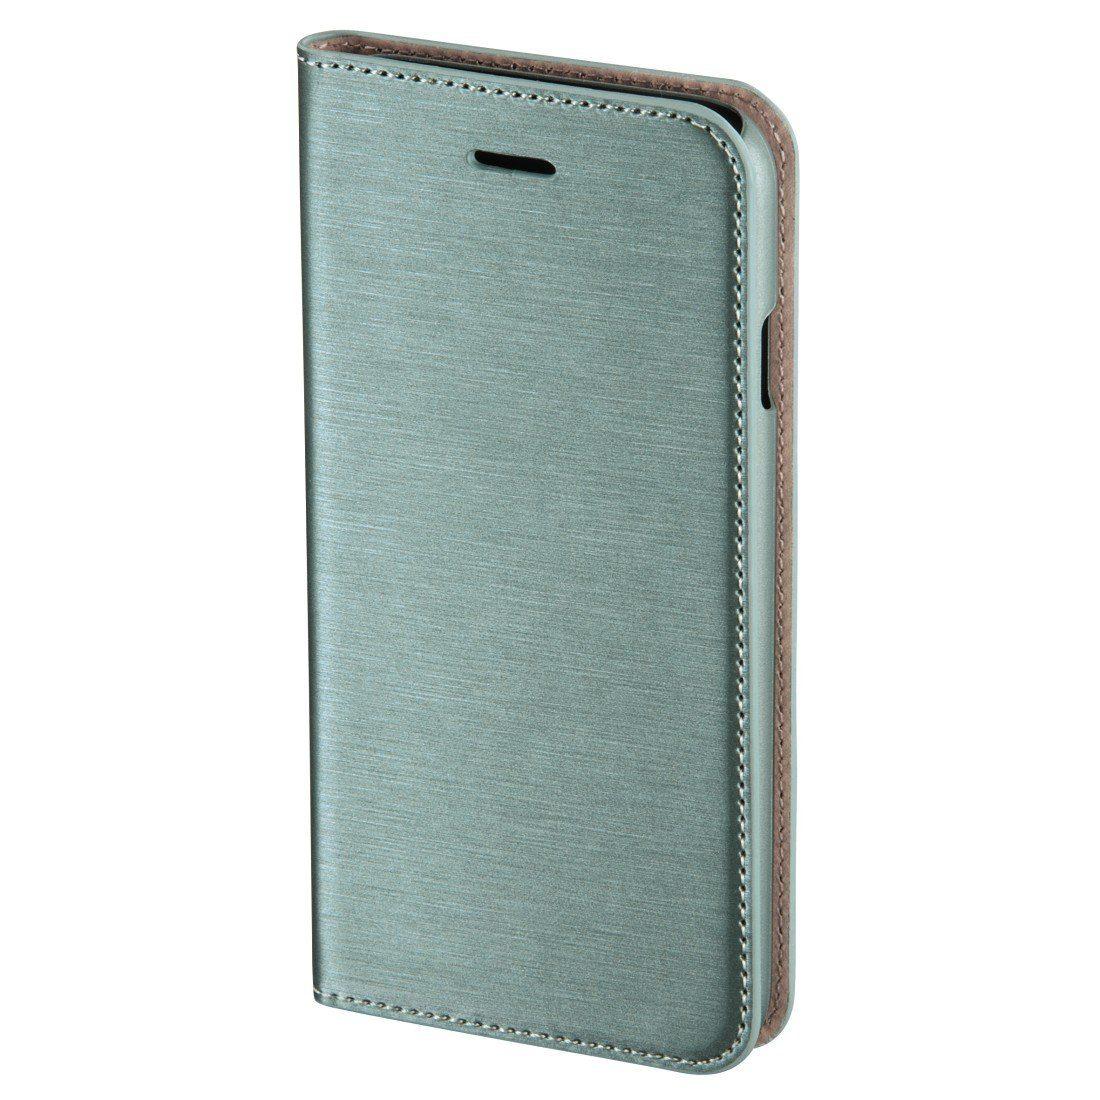 Hama Booklet Slim für Apple iPhone 6 Plus, Khaki